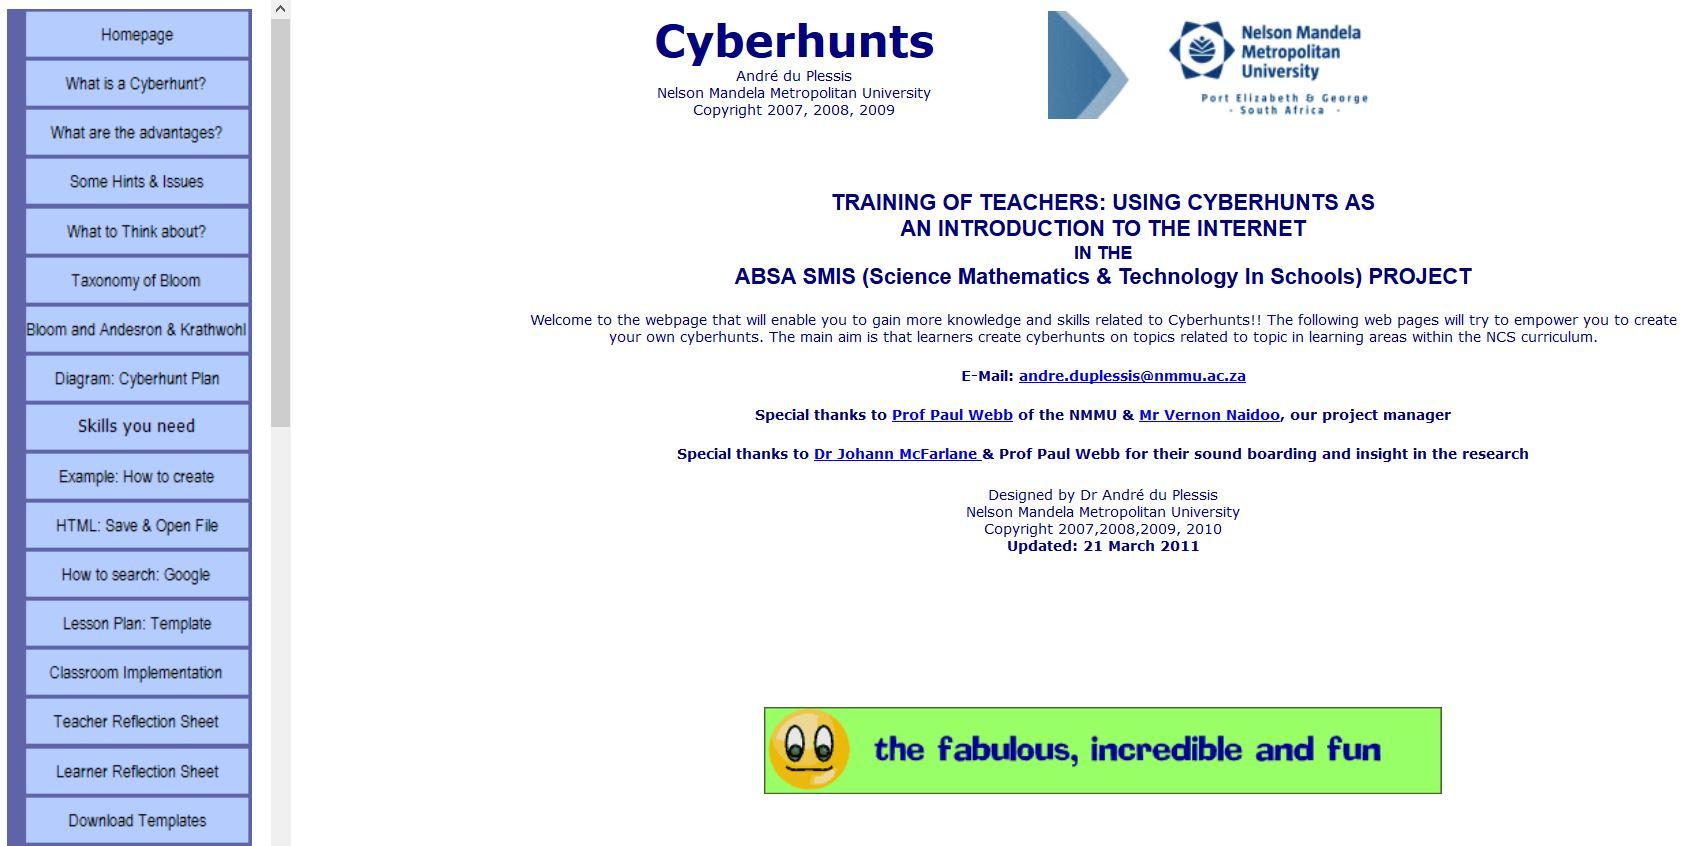 Cyberhunts